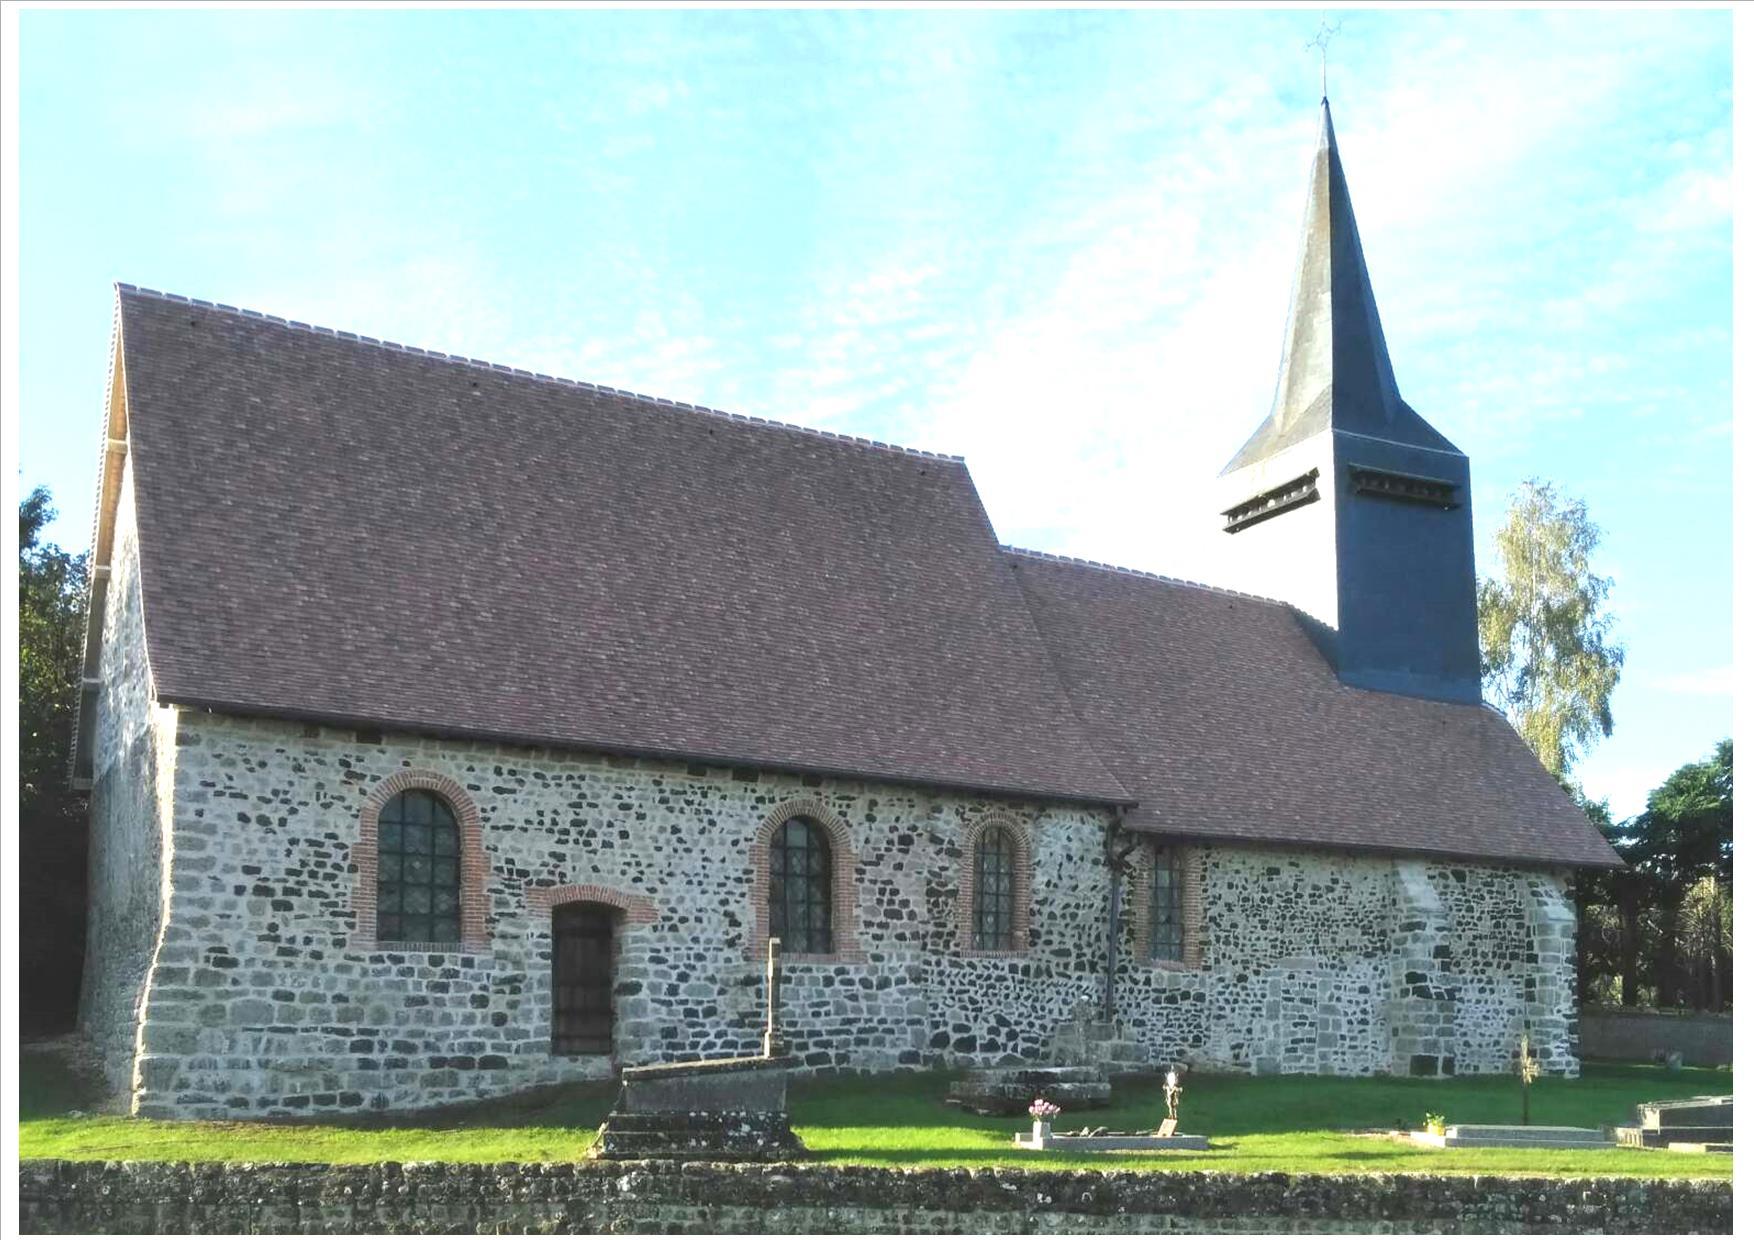 Chapelle facade fini rectifi%c3%a9e